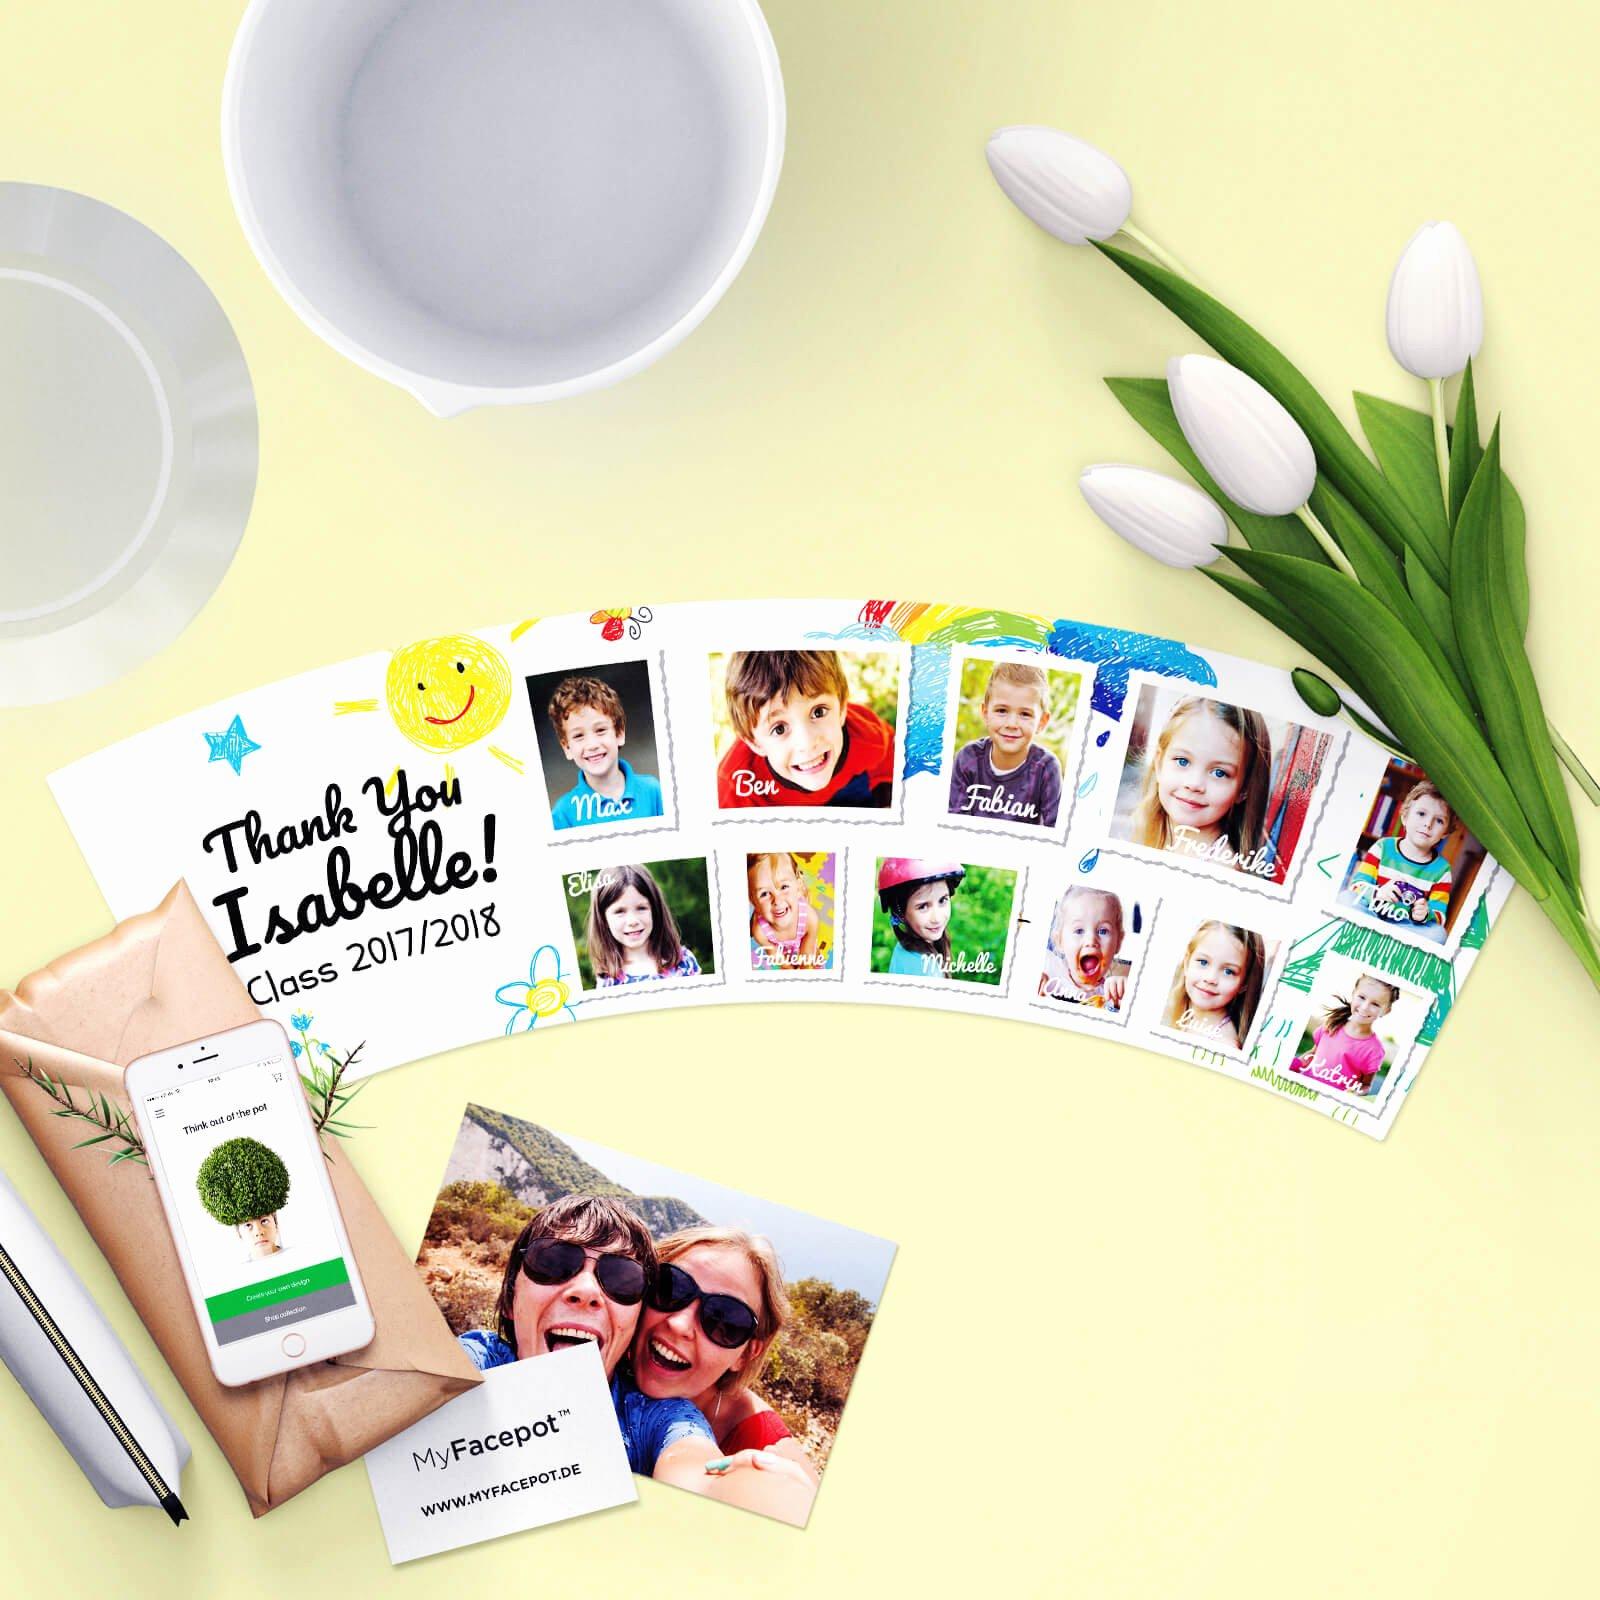 Thank You Preschool Teacher Best Of Thank You Kindergarten – Teacher with 11 S – Myfacepot